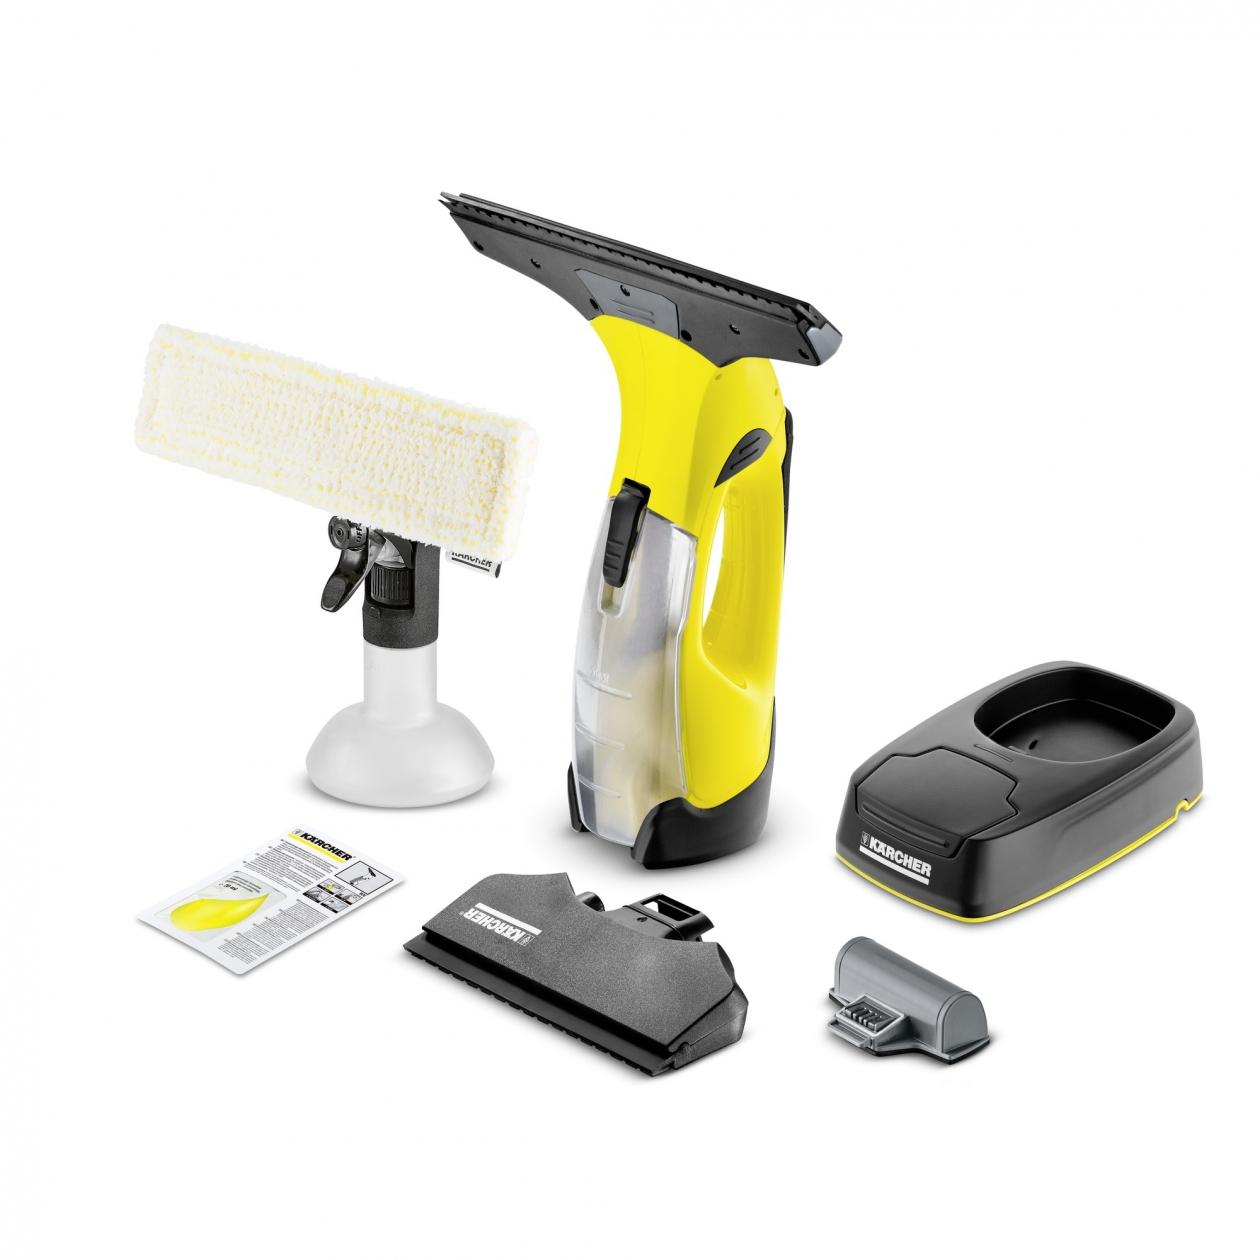 KARCHER Kärcher WV 5 Premium Non-Stop Cleaning Kit 1.633-443.0 aku stěrka na okna